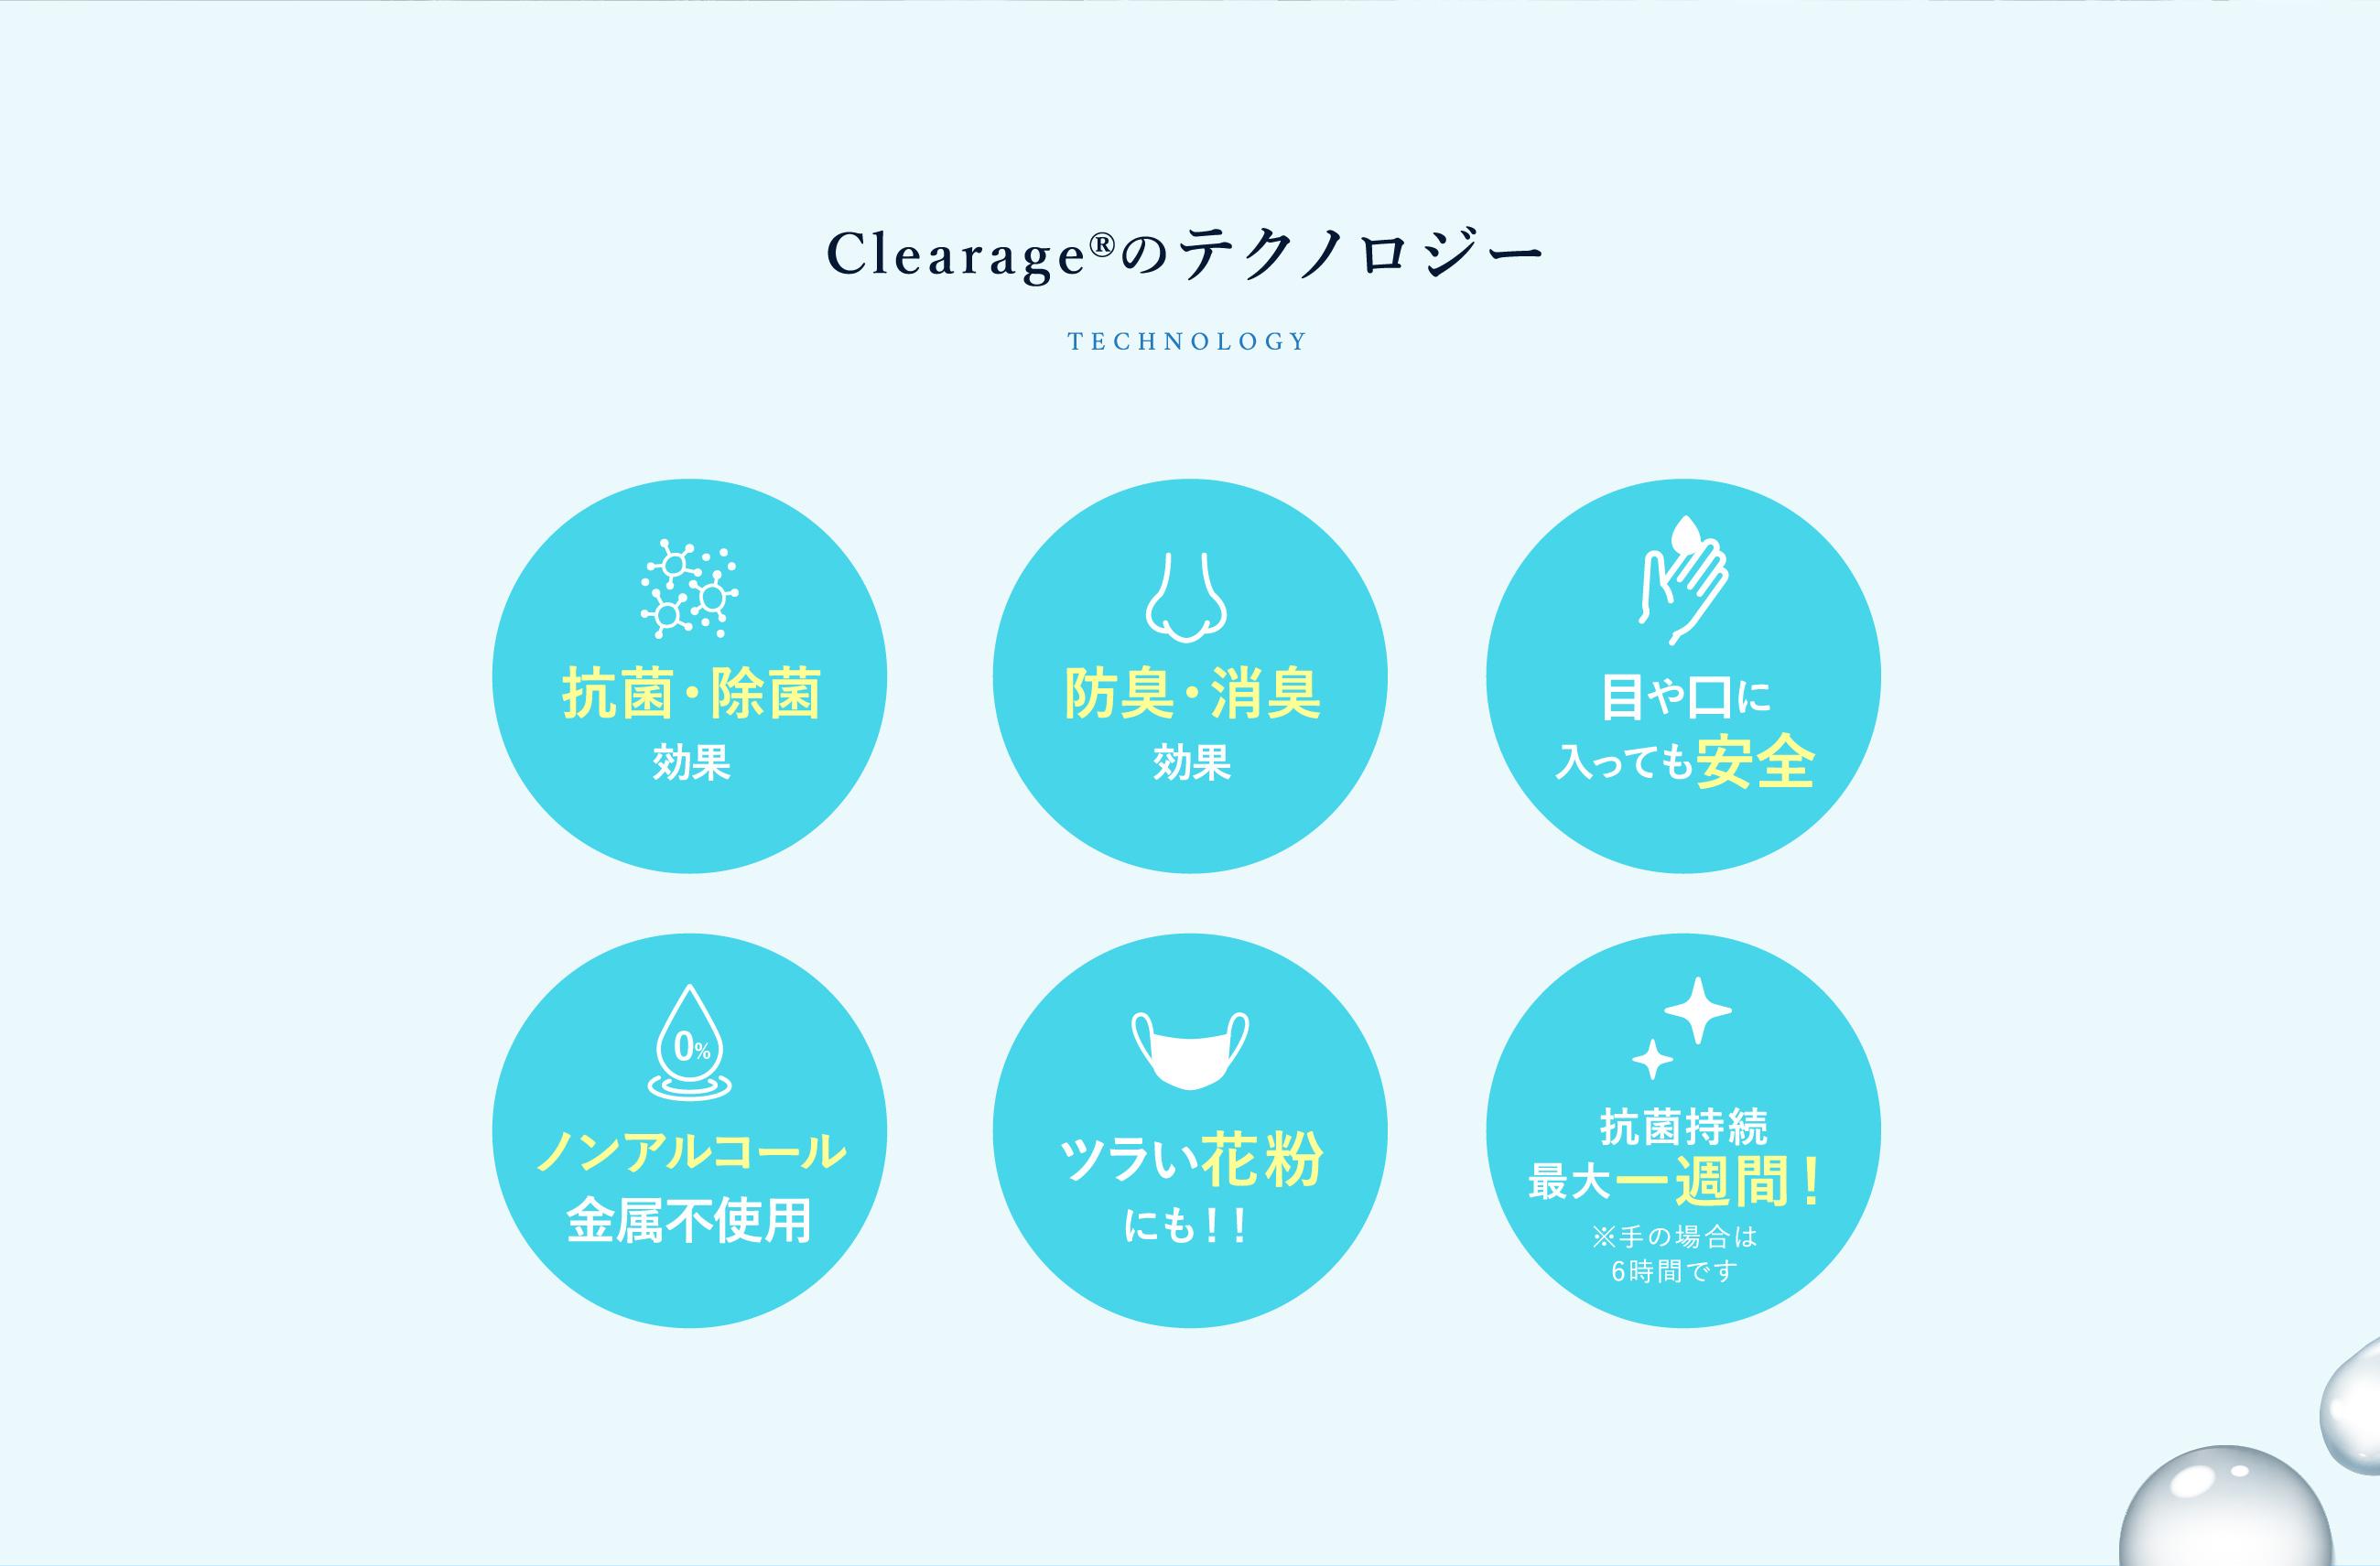 Clearage®のテクノロジー